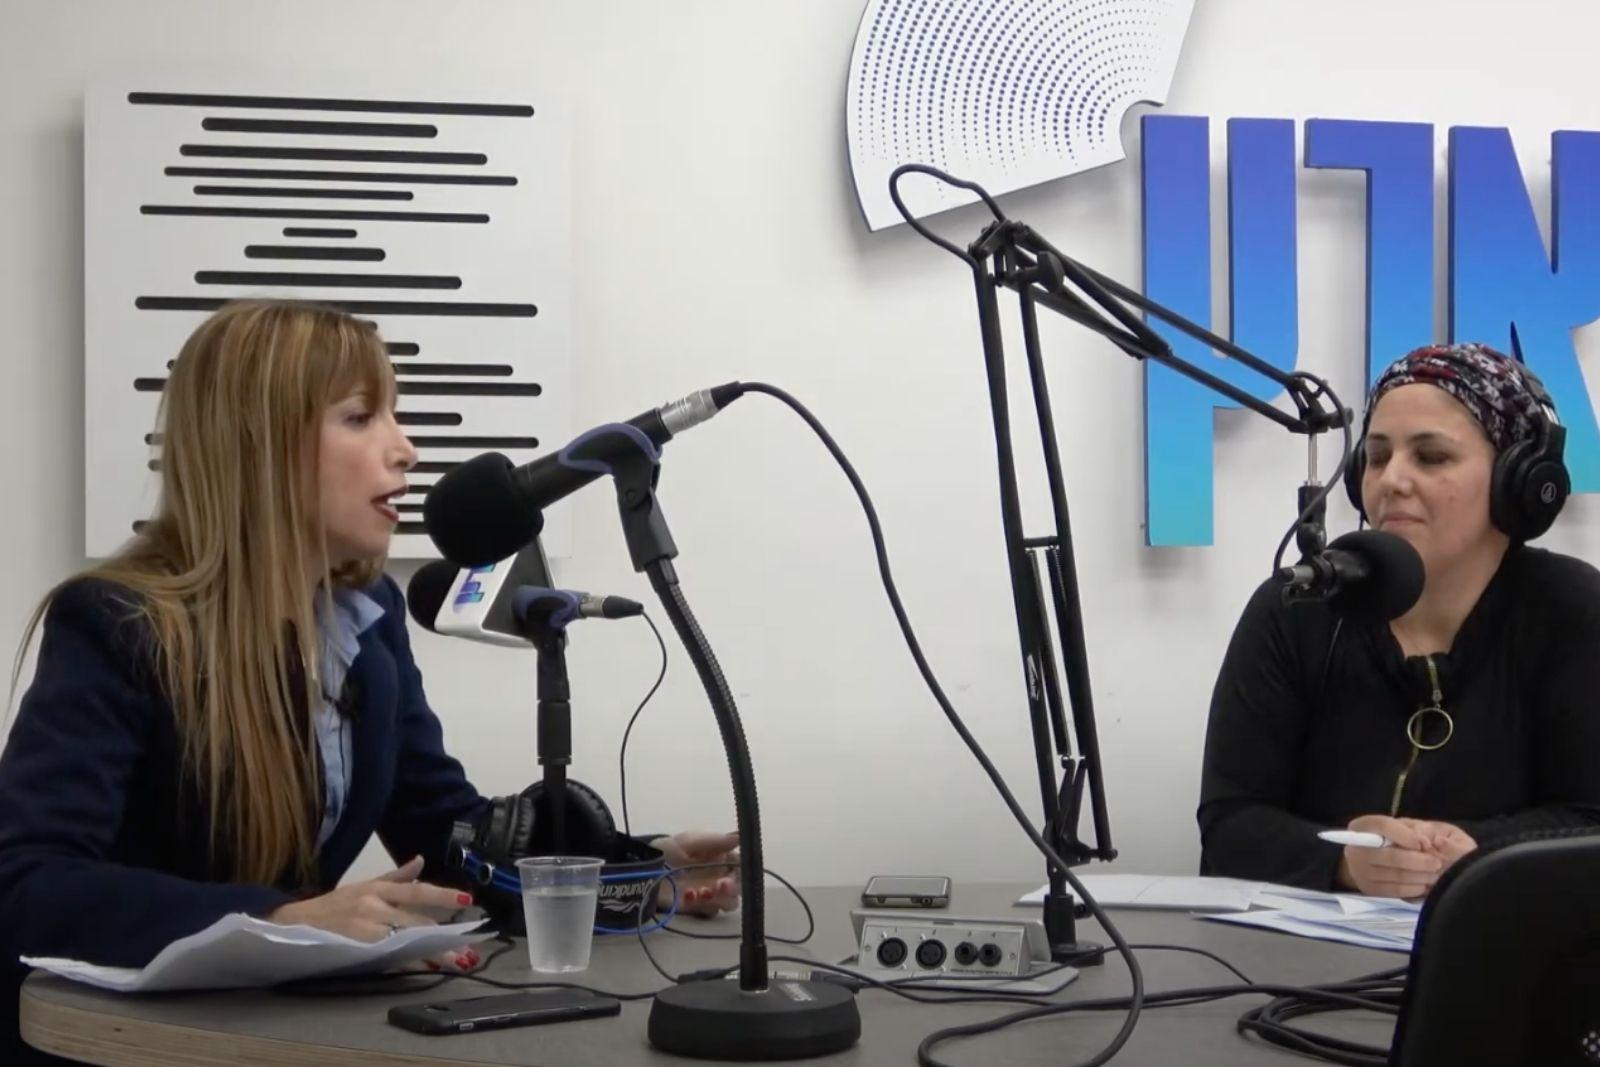 טלי אנגור לרדיו ארץ: ״הייתי צריכה לאסוף את השברים״